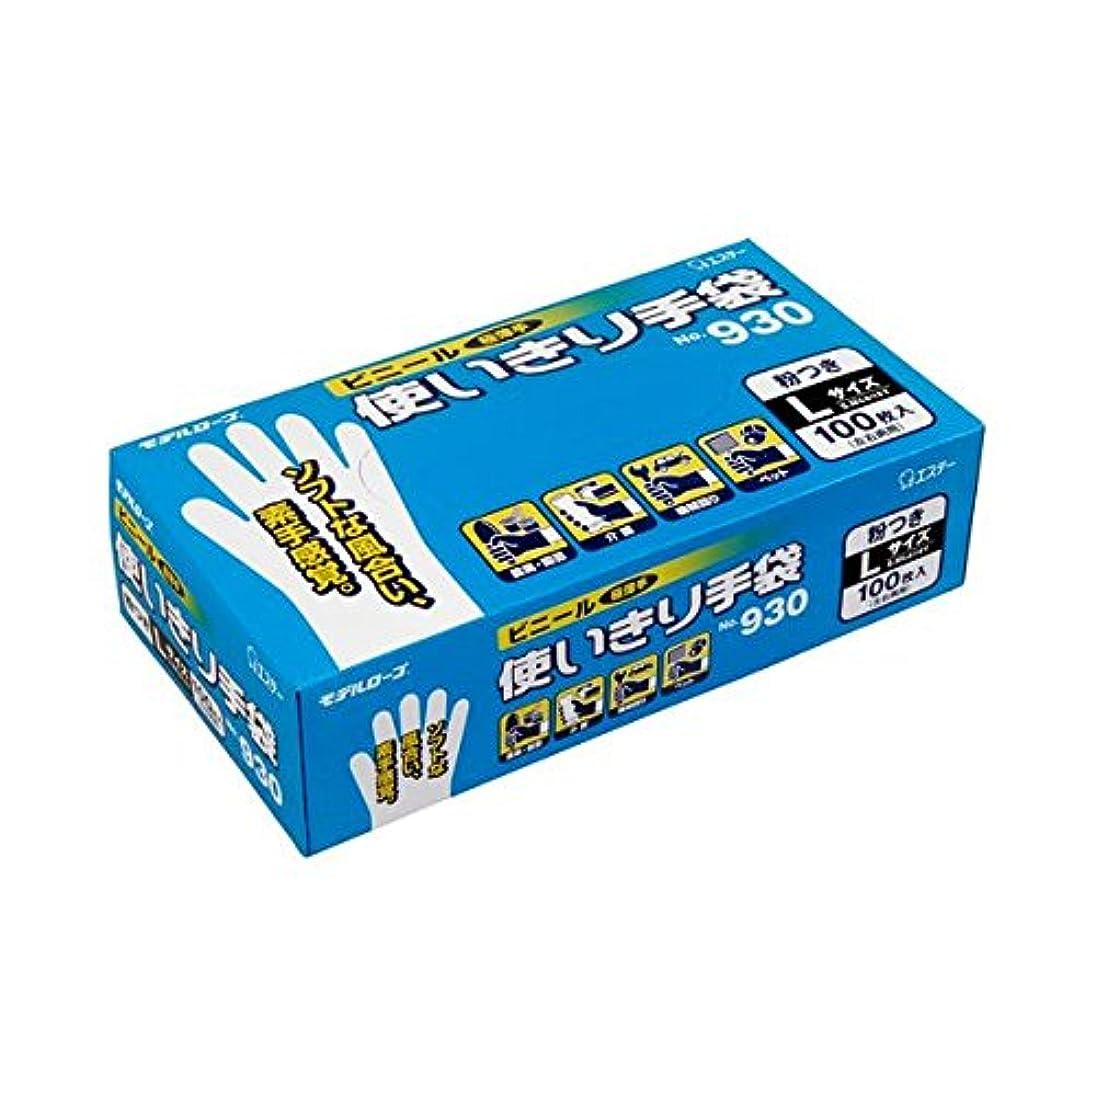 レンディションわざわざ恋人エステー No.930 ビニール使いきり手袋(粉付) L 1箱(100枚) (×5セット)